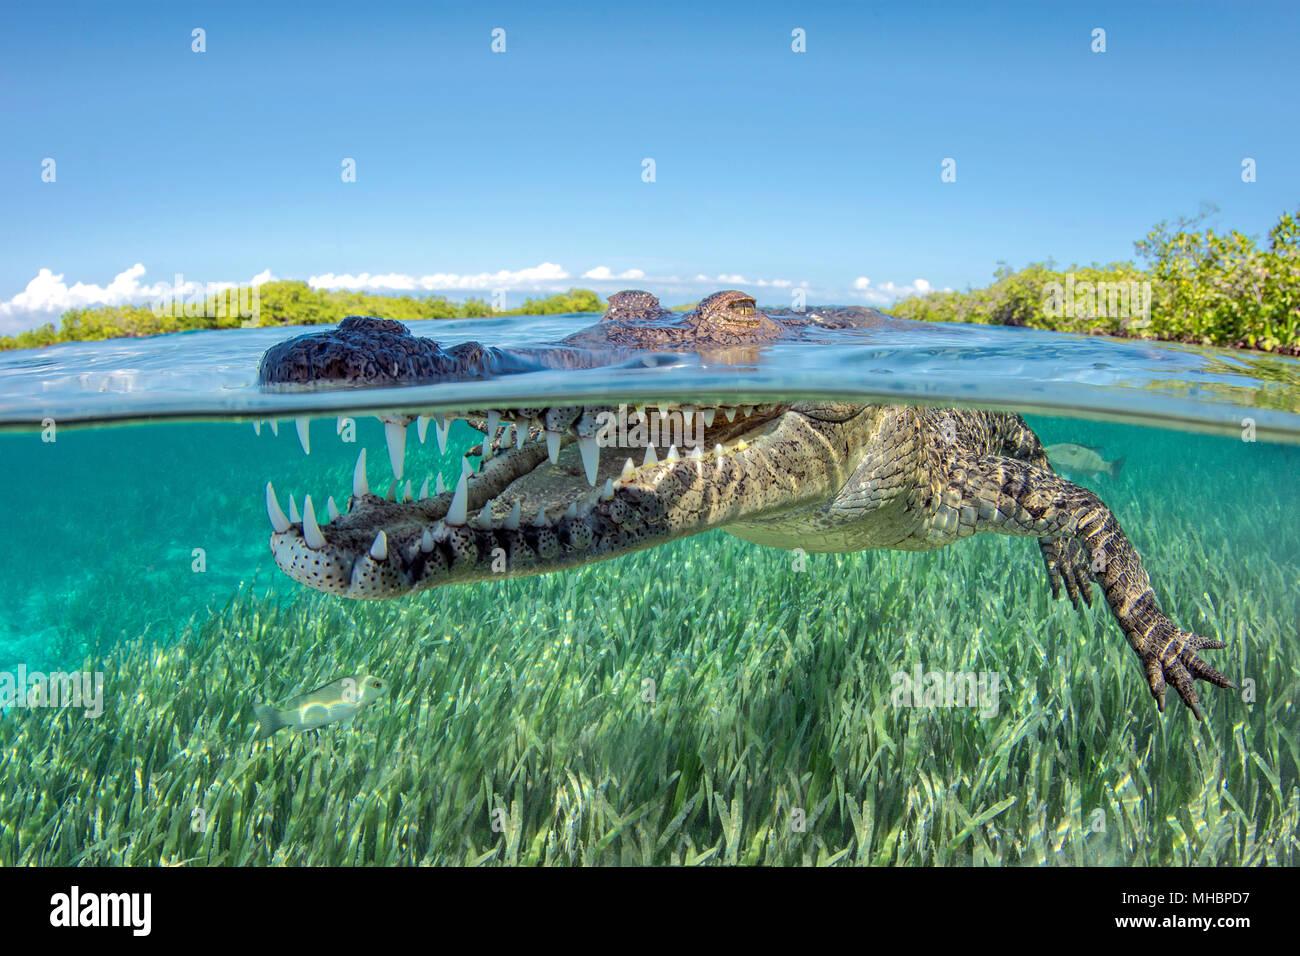 American crocodile (Crocodylus acutus), Underwater, Split-Level image, Jardines de la Reina, Cuba - Stock Image